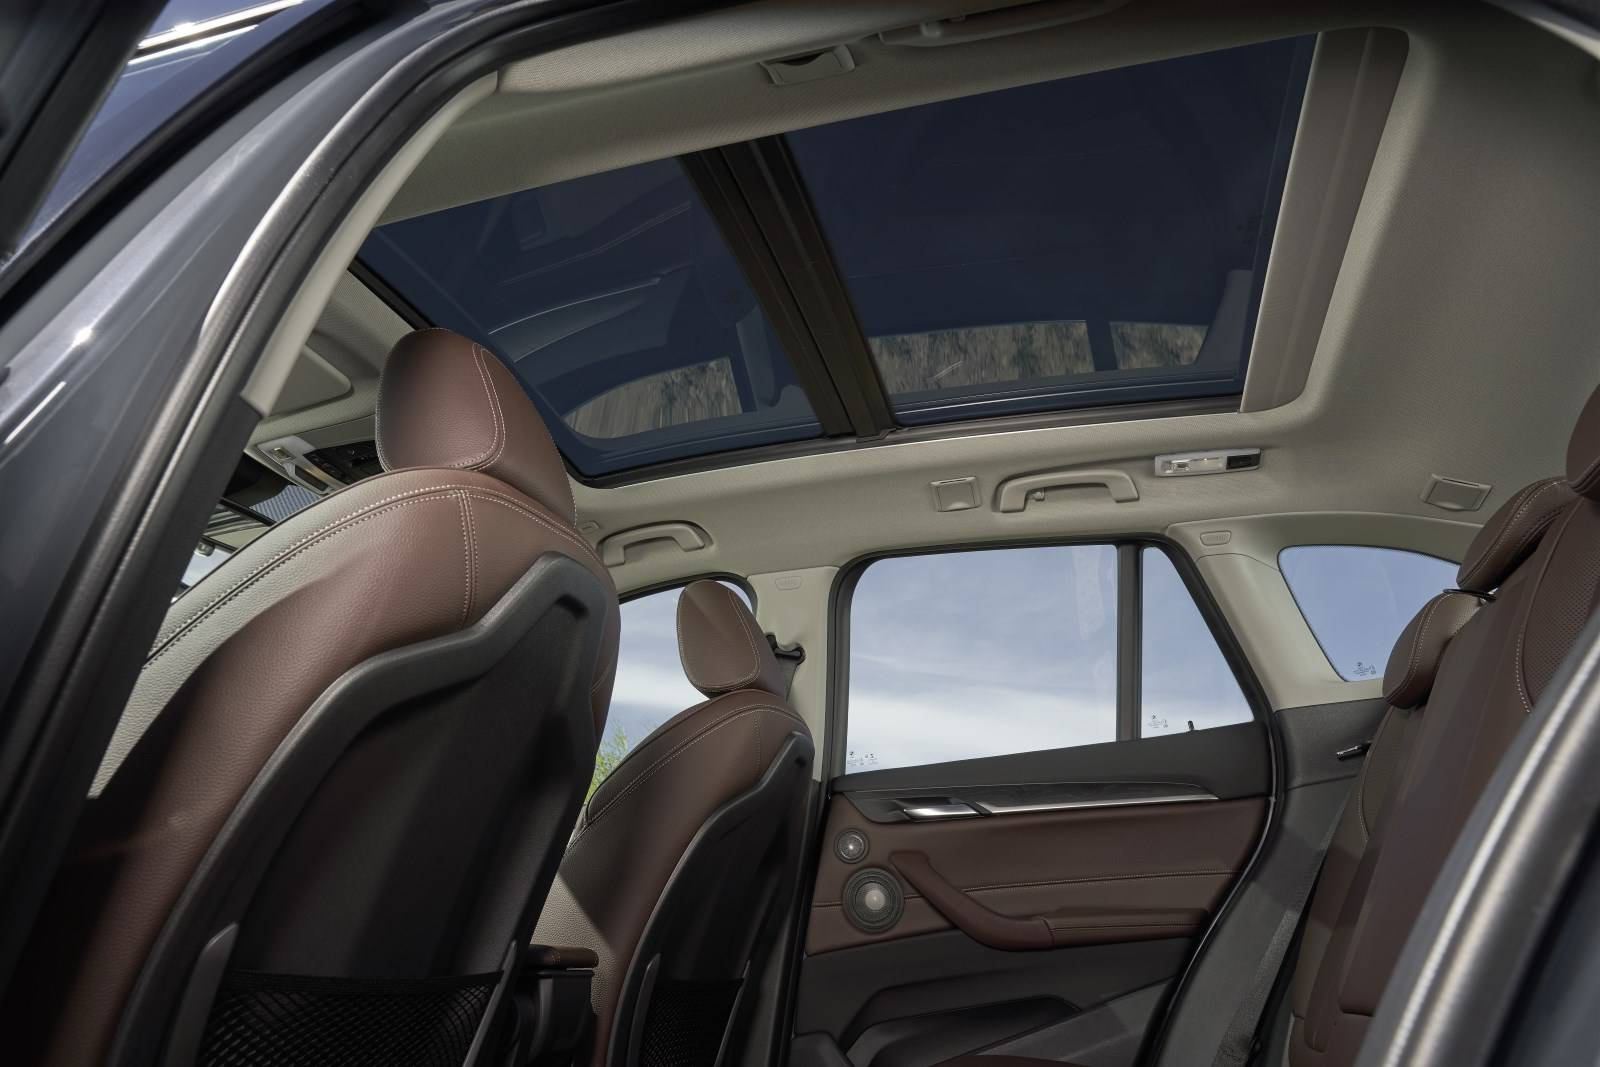 Новый BMW X1 F48 - cмелый и спортивный рестайлинг 7